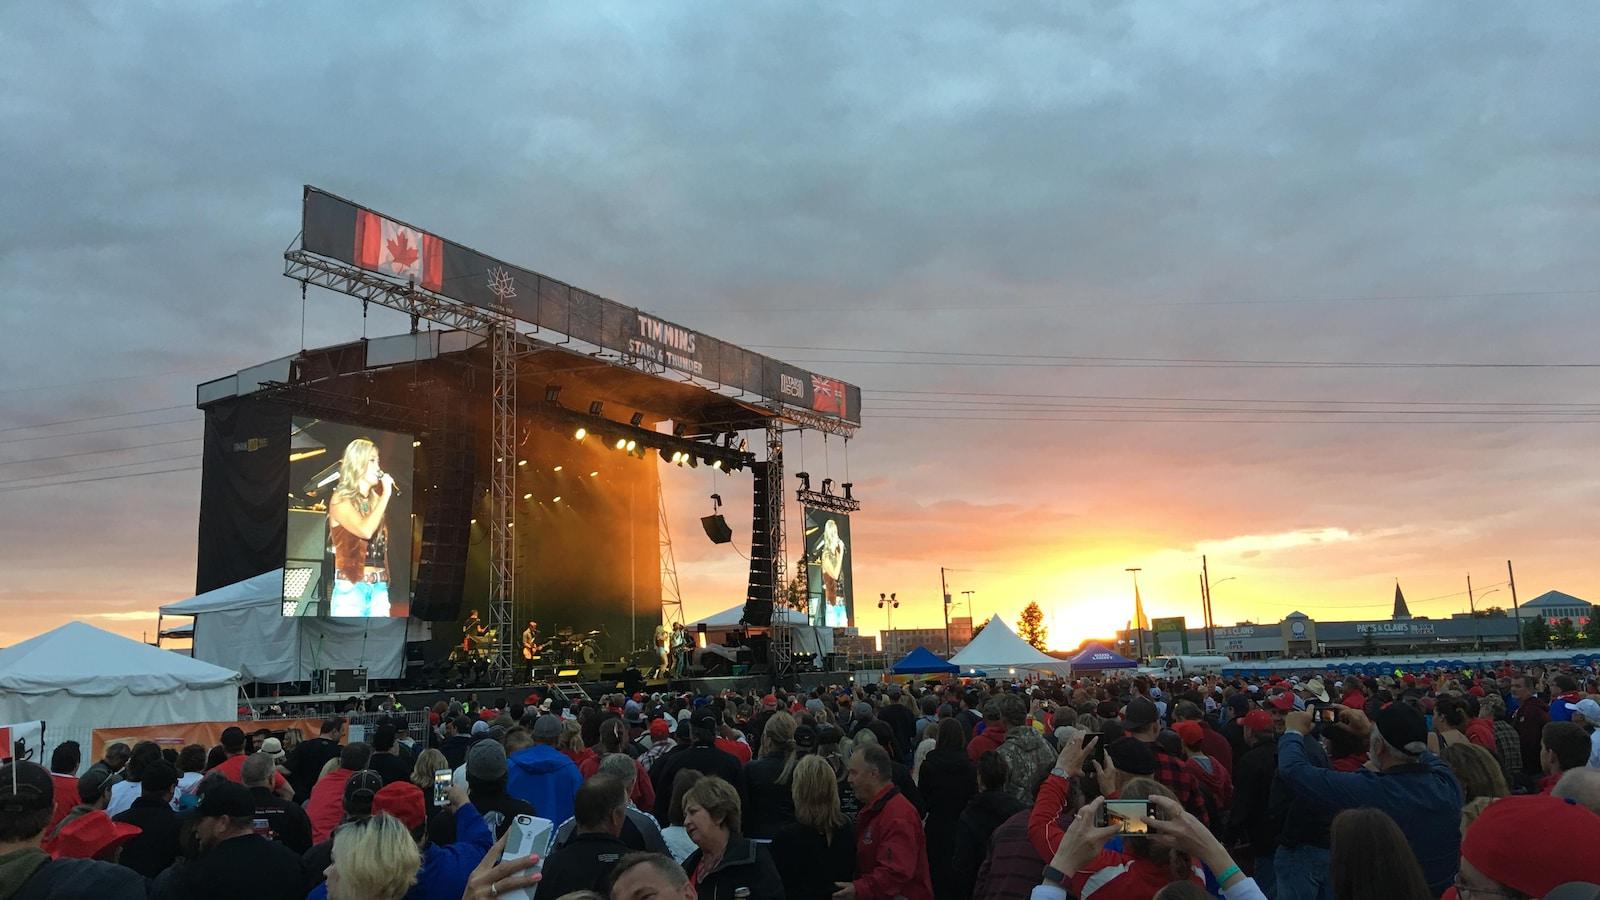 Une foule compacte devant une scène assiste à un spectacle sur fond de coucher de soleil.